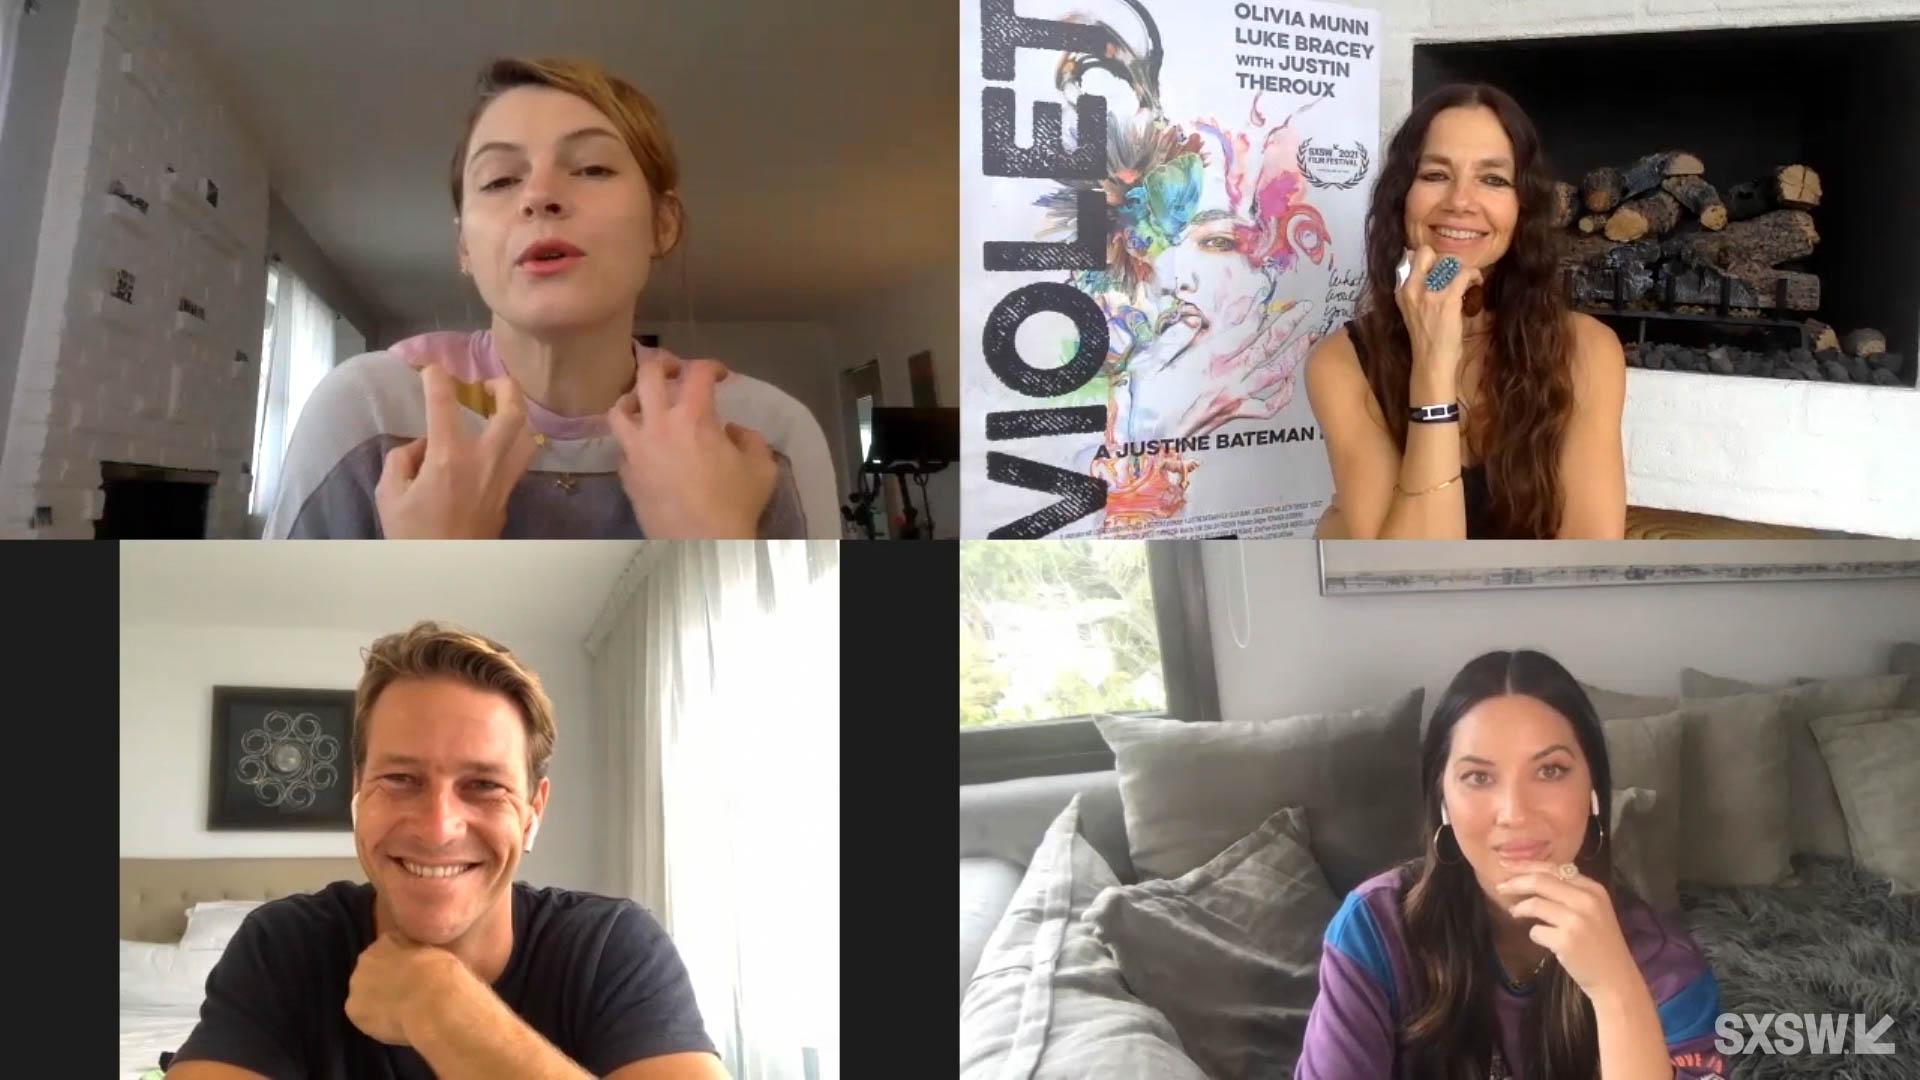 Amy Seimetz (moderator), Justine Bateman (director), Olivia Munn and Luke Bracey speak at SXSW Online on March 18, 2021.